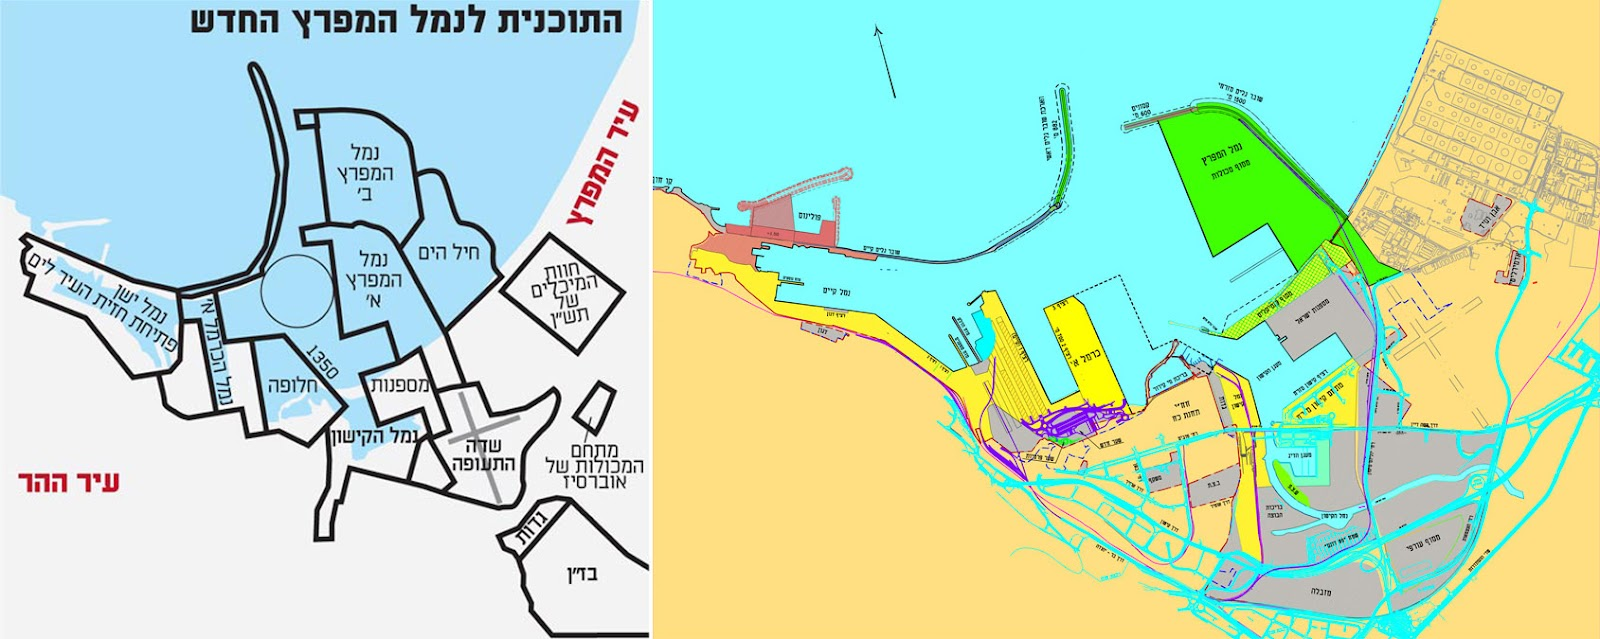 נמל-המפרץ-בשלבים.jpg